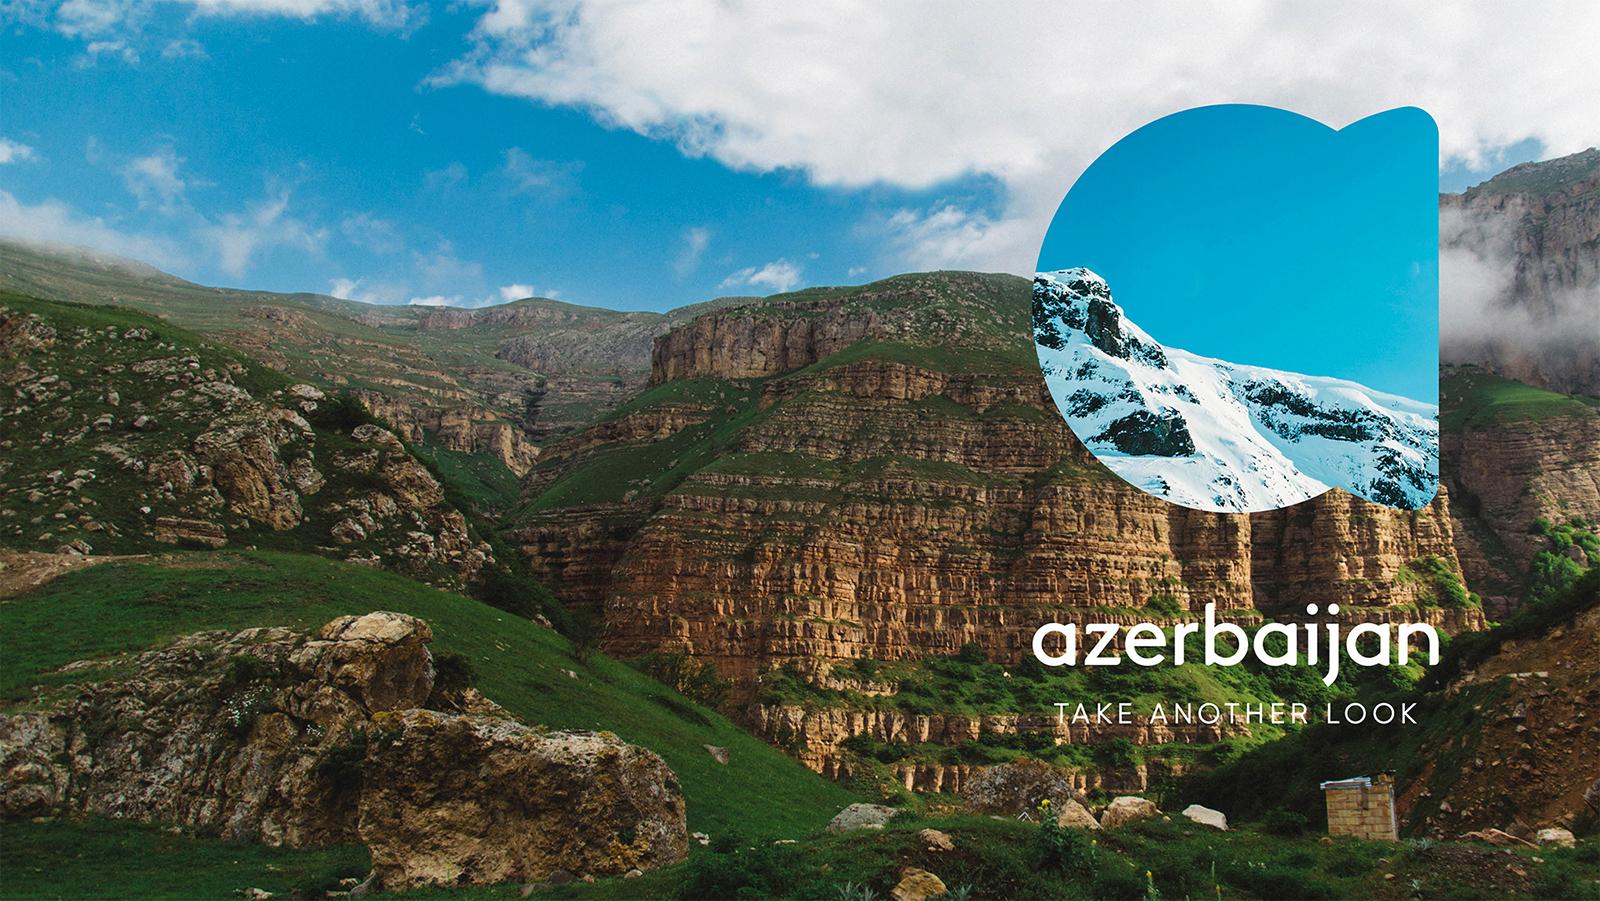 浪涛为阿塞拜疆旅游形象创造新的标志logo-VI设计4